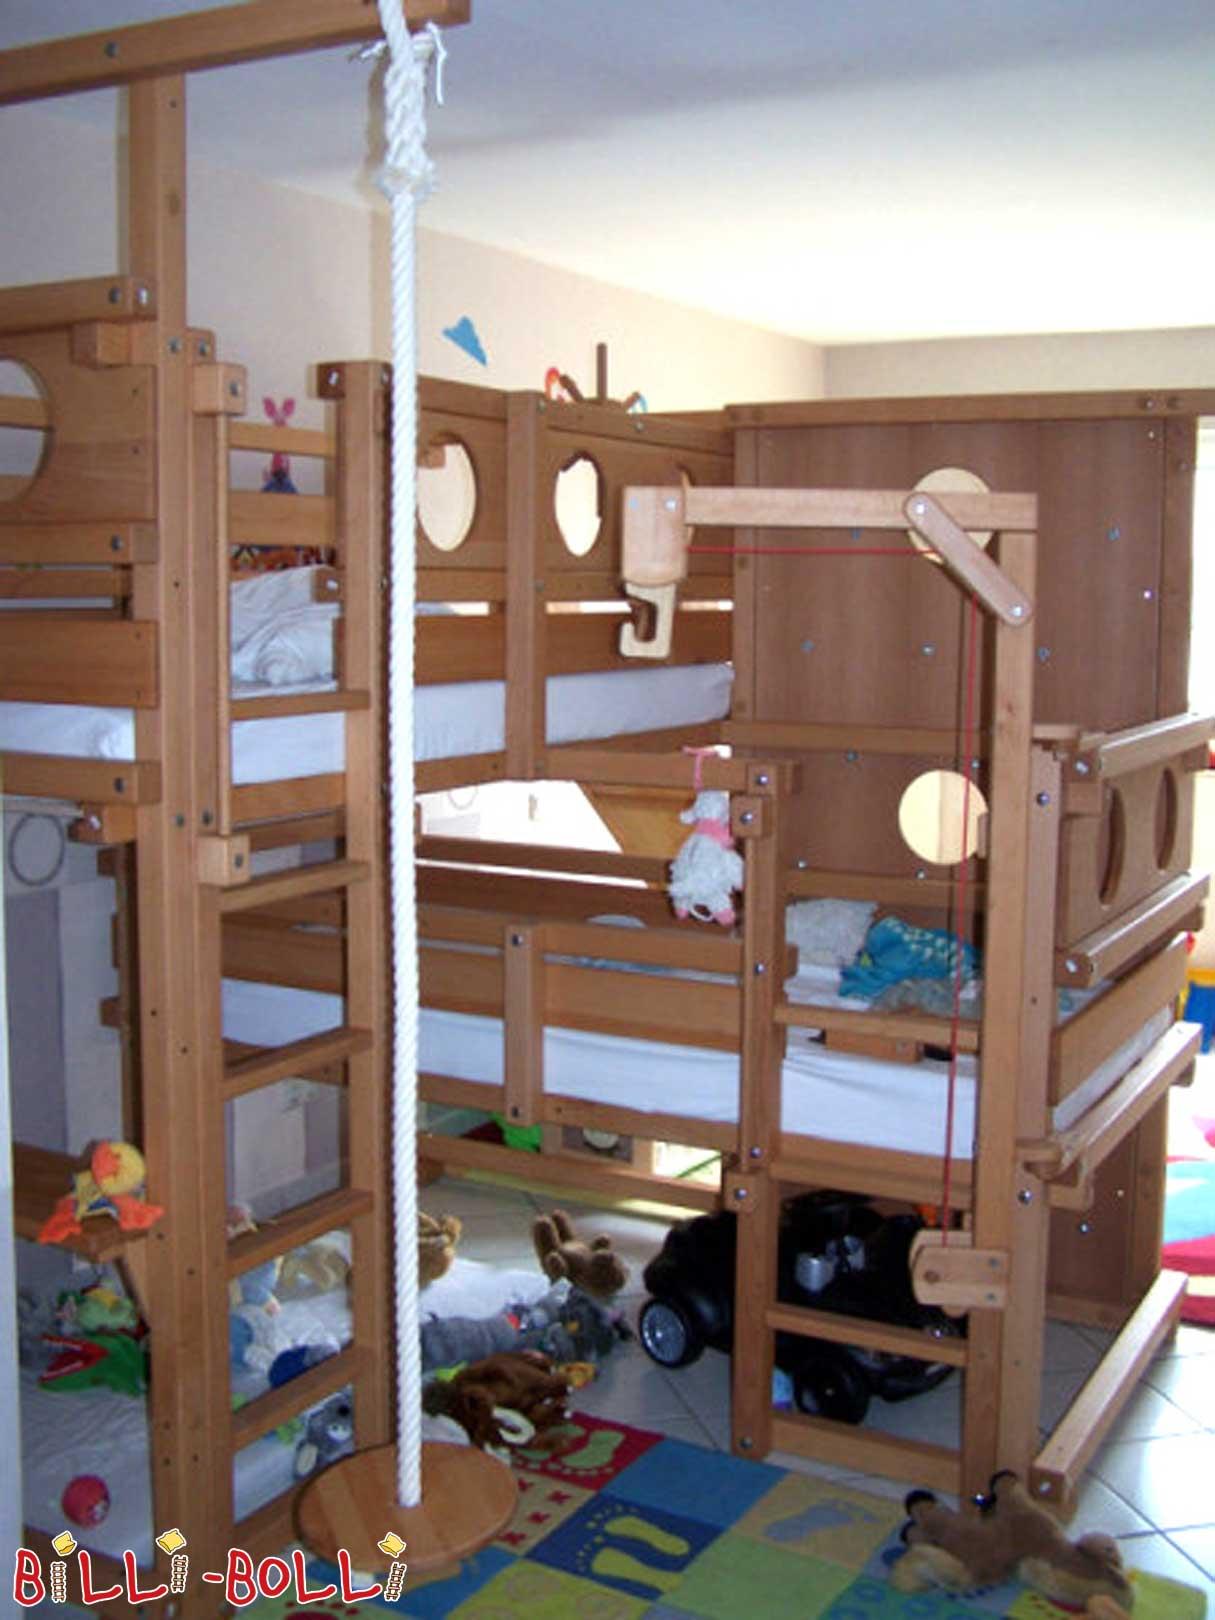 beide oben betten billi bolli kinderm bel. Black Bedroom Furniture Sets. Home Design Ideas